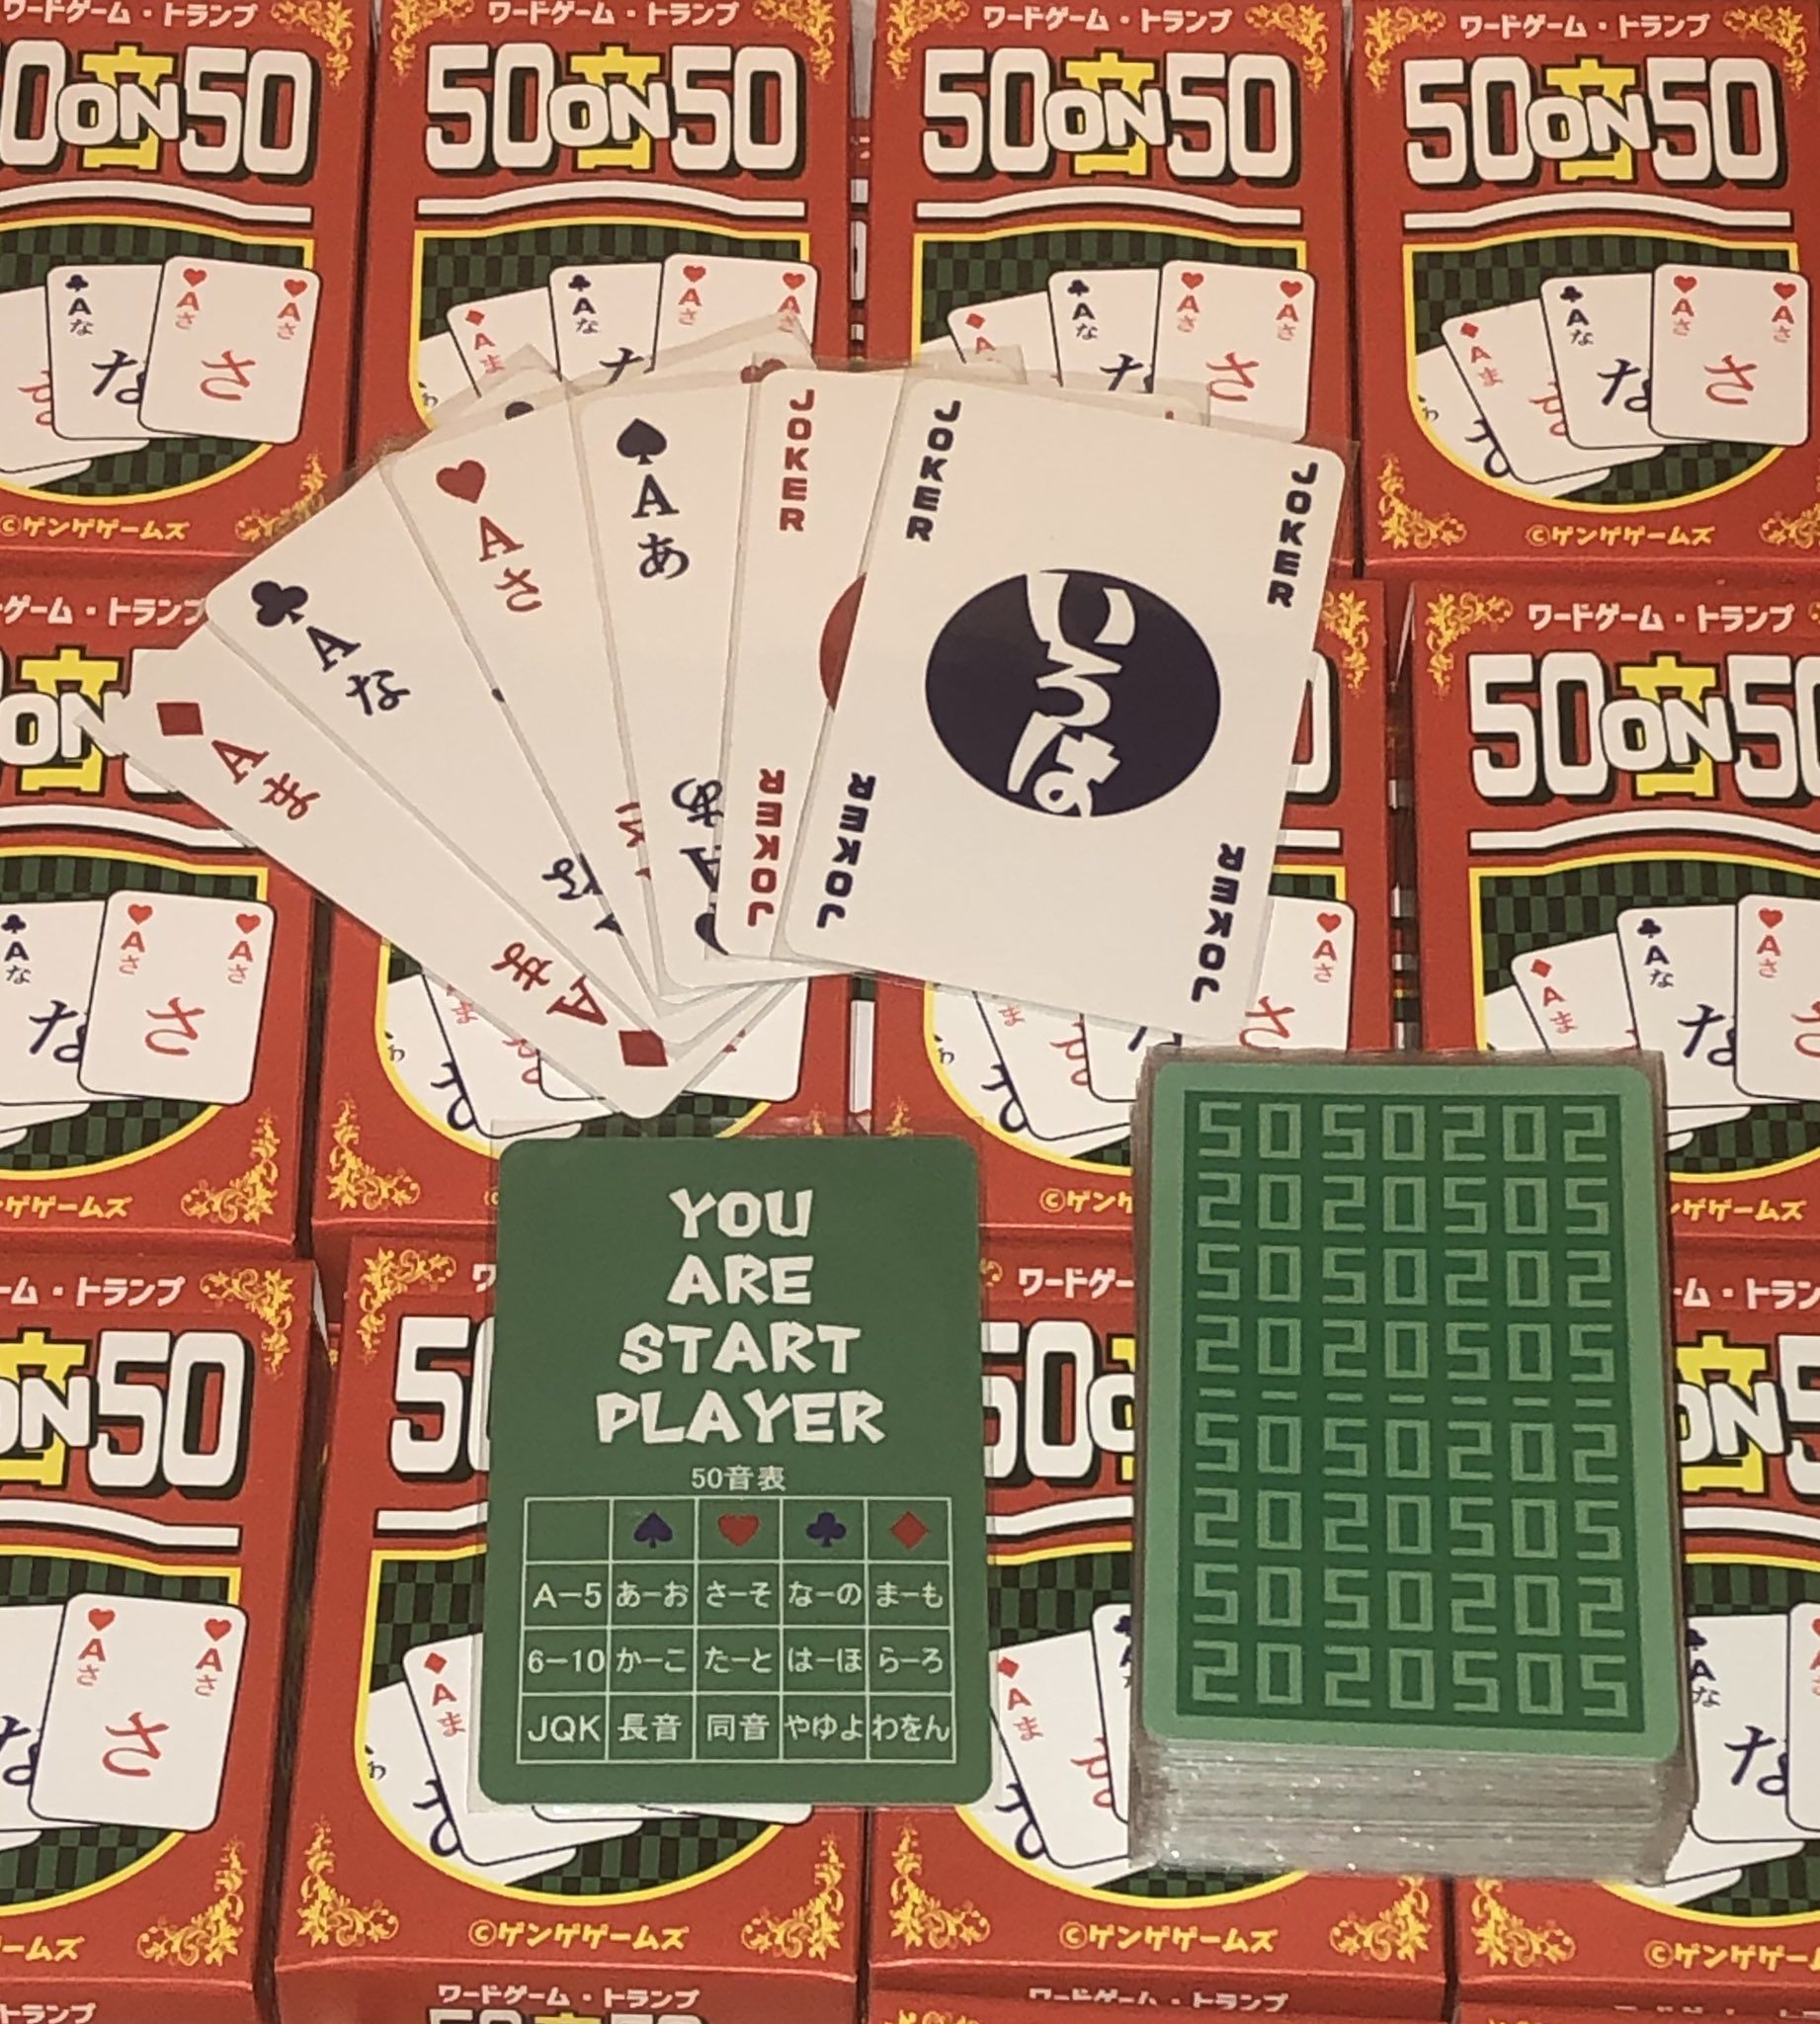 ワードゲームトランプ『50on50』の製品画像